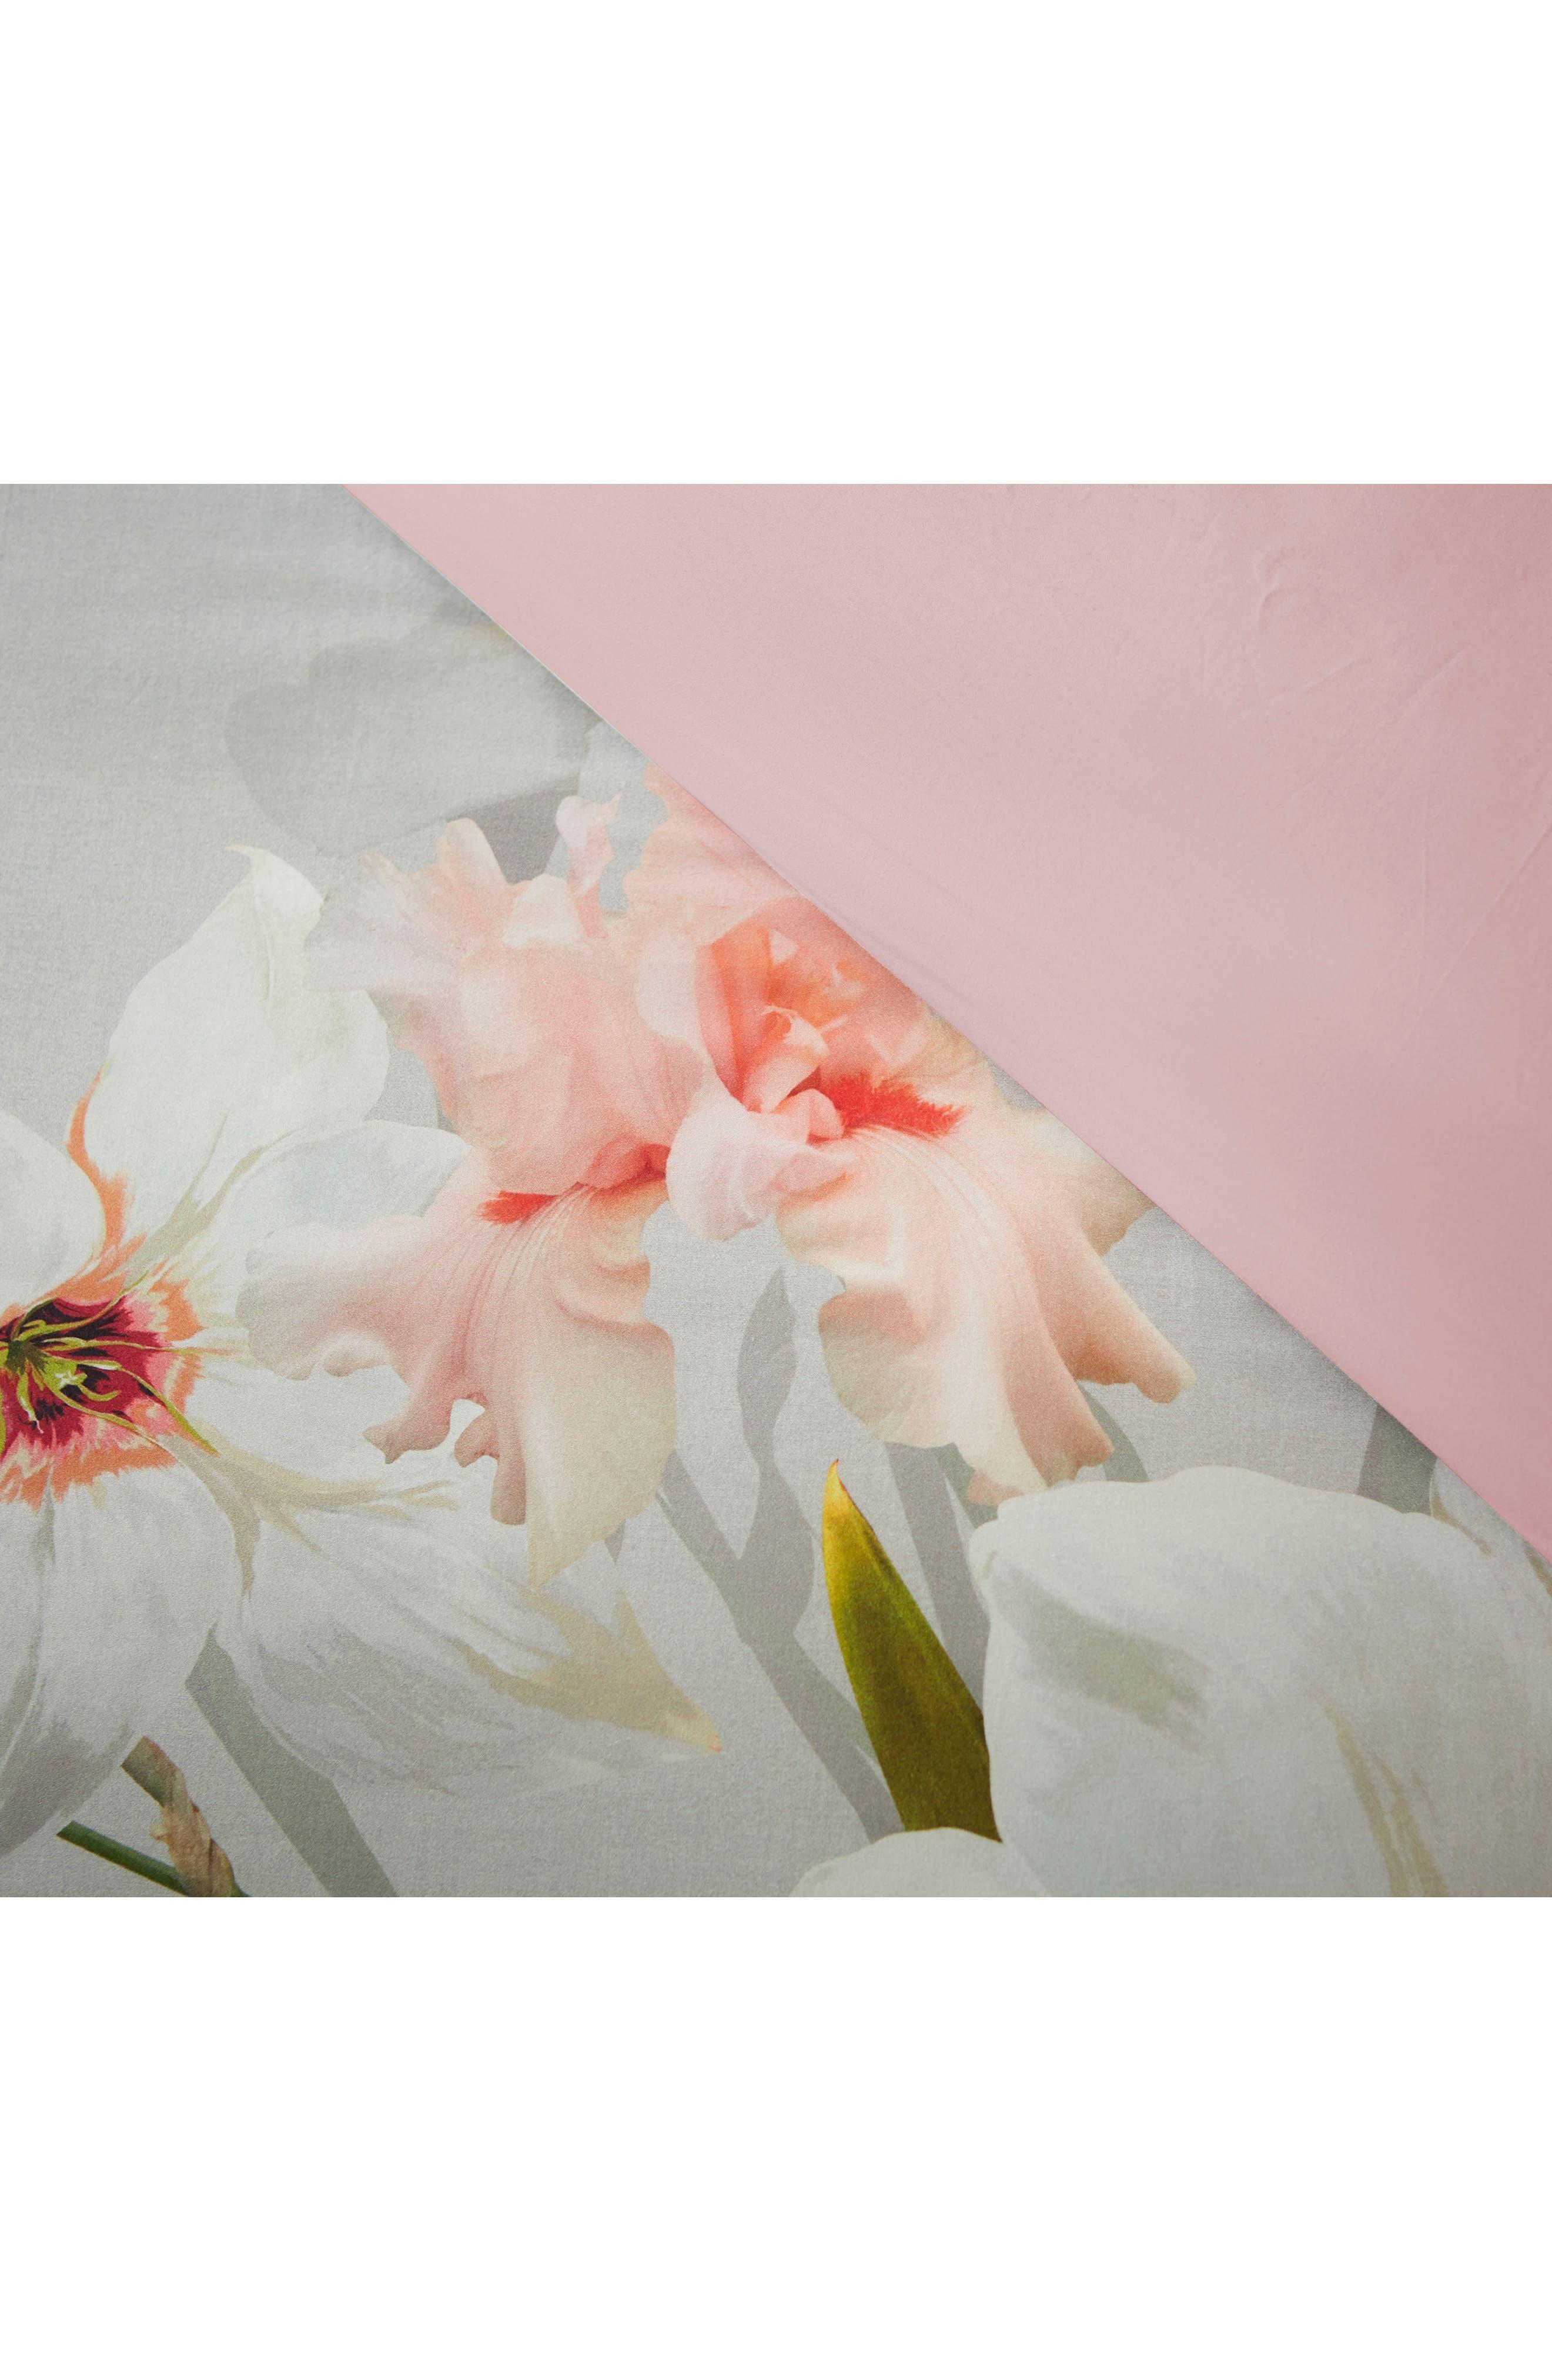 Chatsworth Bloom Duvet Cover & Sham Set,                             Alternate thumbnail 2, color,                             070